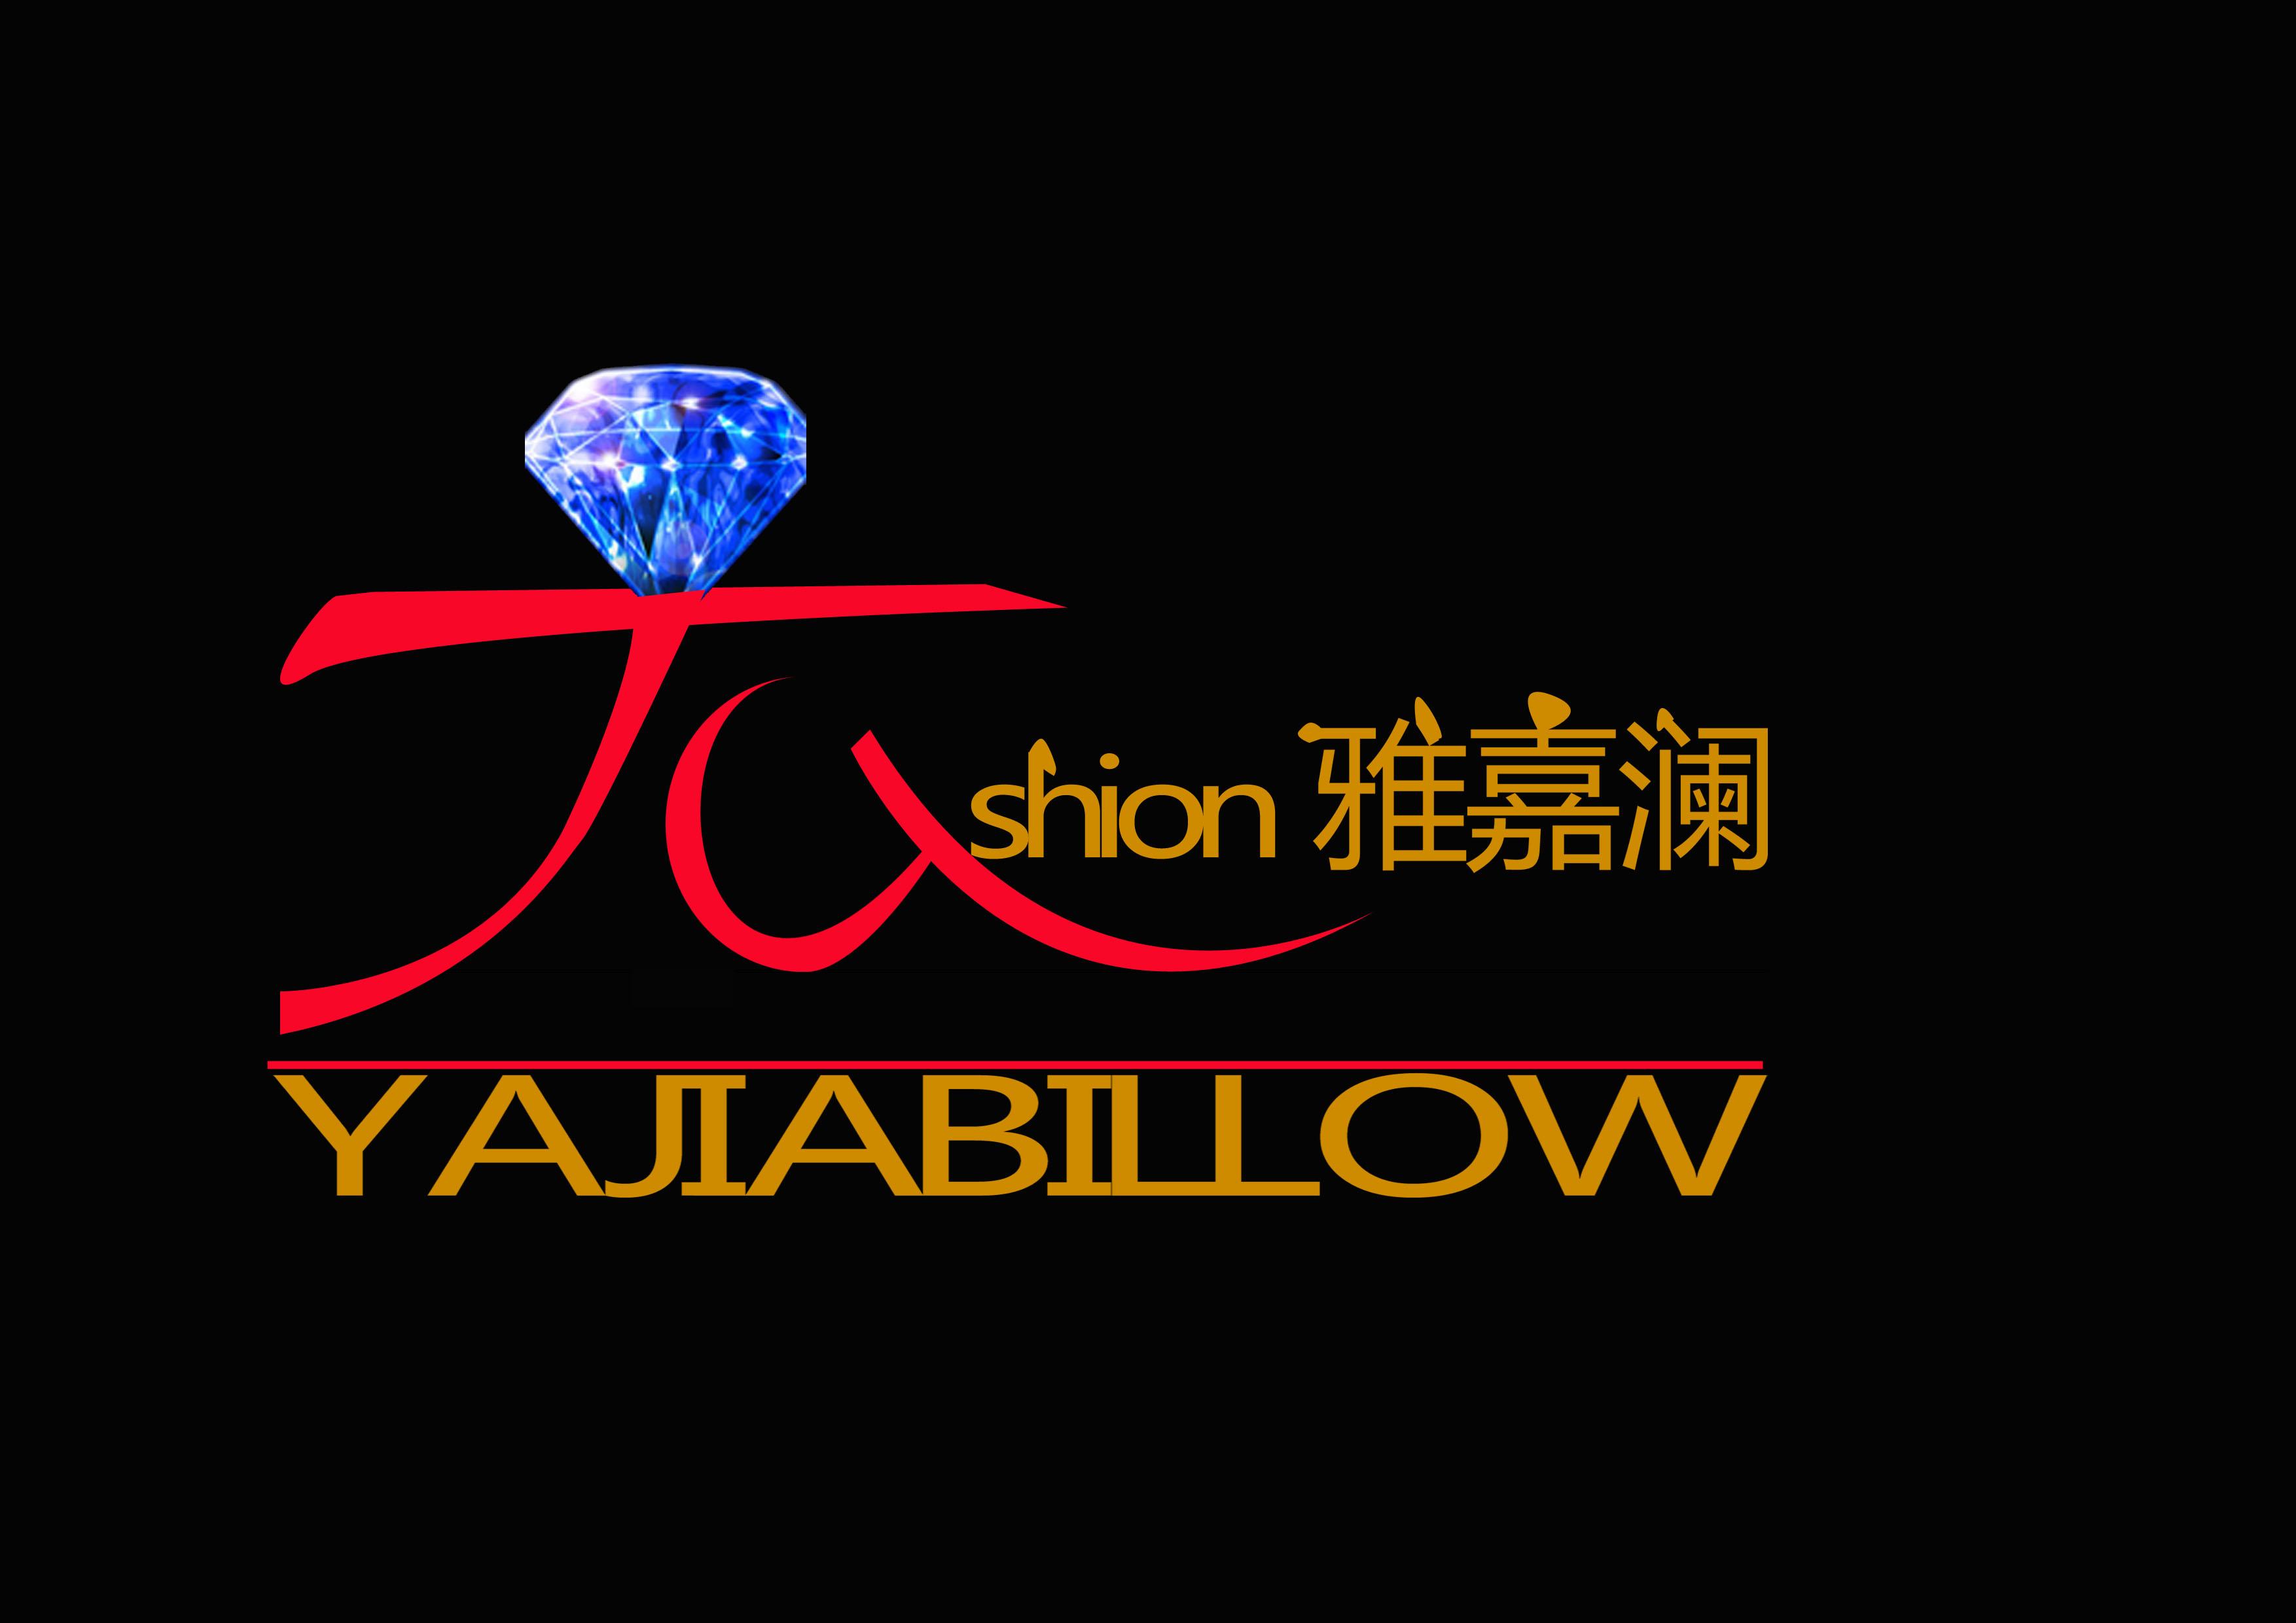 淘宝雅嘉澜时尚服装店店标logo设计